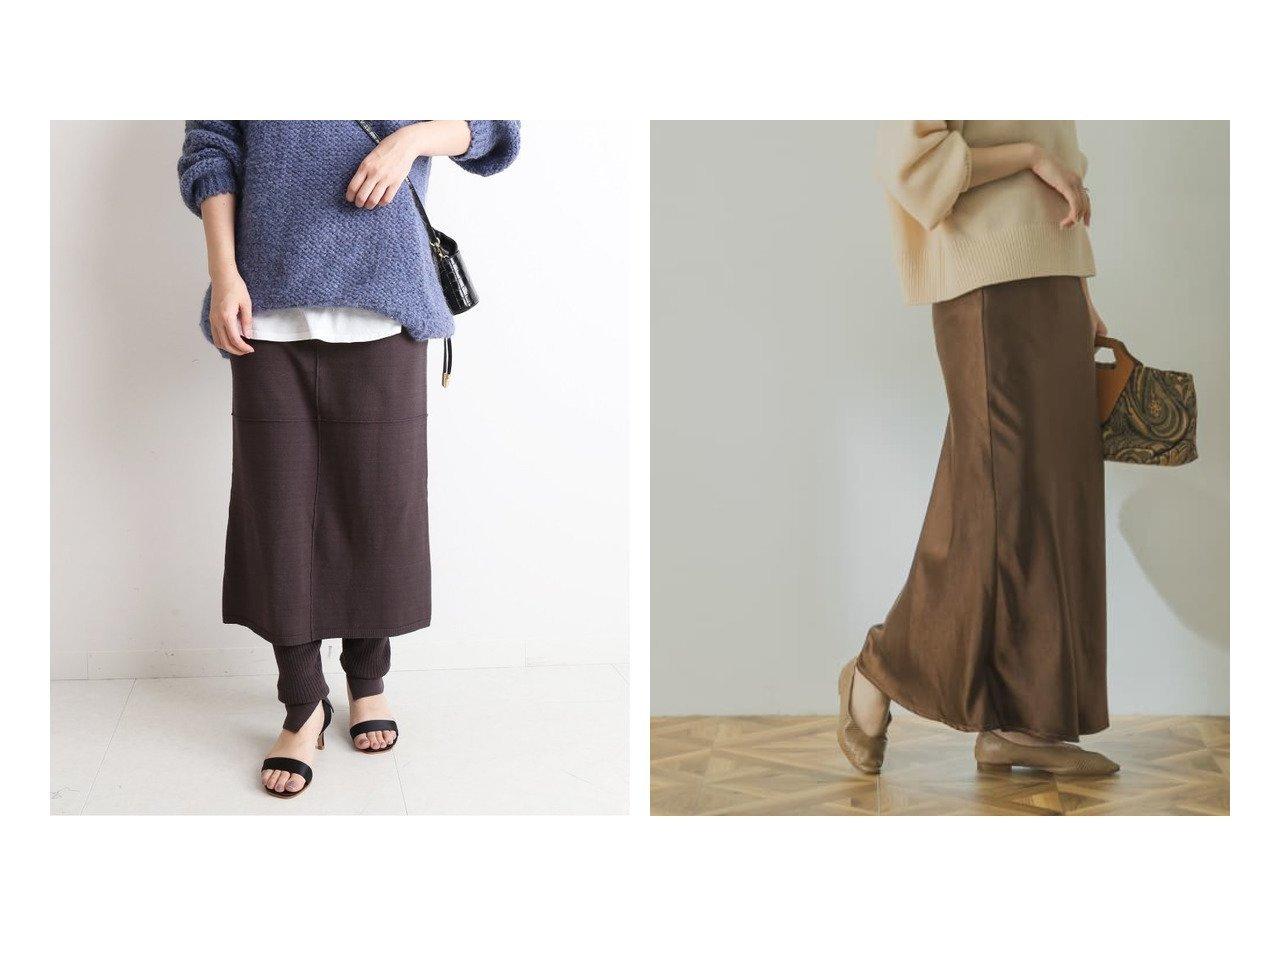 【SLOBE IENA/スローブ イエナ】のレイヤードレギンススカート&【URBAN RESEARCH/アーバンリサーチ】のサテンロングスカート おすすめ!人気、トレンド・レディースファッションの通販 おすすめで人気の流行・トレンド、ファッションの通販商品 メンズファッション・キッズファッション・インテリア・家具・レディースファッション・服の通販 founy(ファニー) https://founy.com/ ファッション Fashion レディースファッション WOMEN スカート Skirt レギンス Leggings ロングスカート Long Skirt A/W 秋冬 Autumn &  Winter スリット トレンド リラックス レギンス サテン スウェット ストレッチ バランス パーカー フレア ポケット 冬 Winter |ID:crp329100000008869